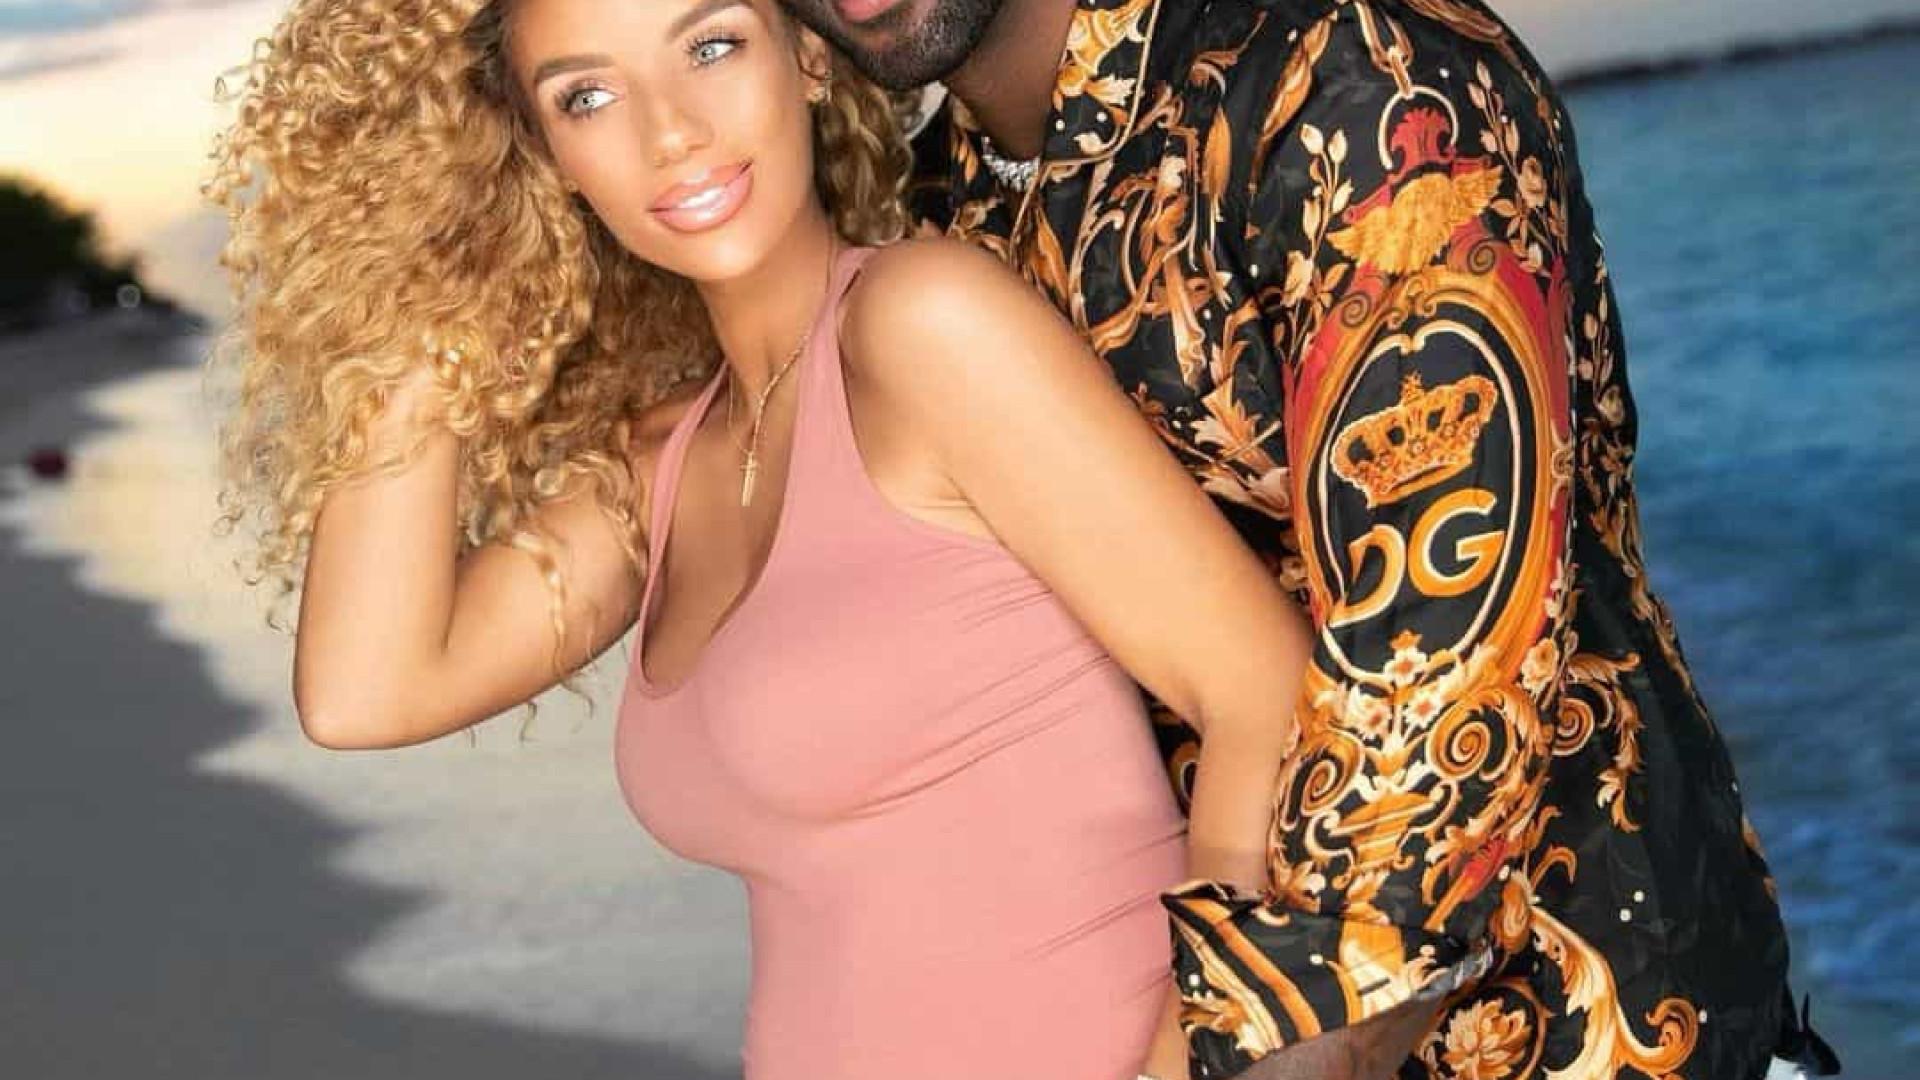 Jason Derulo se separa de Jena Frumes 4 meses após nascimento do filho